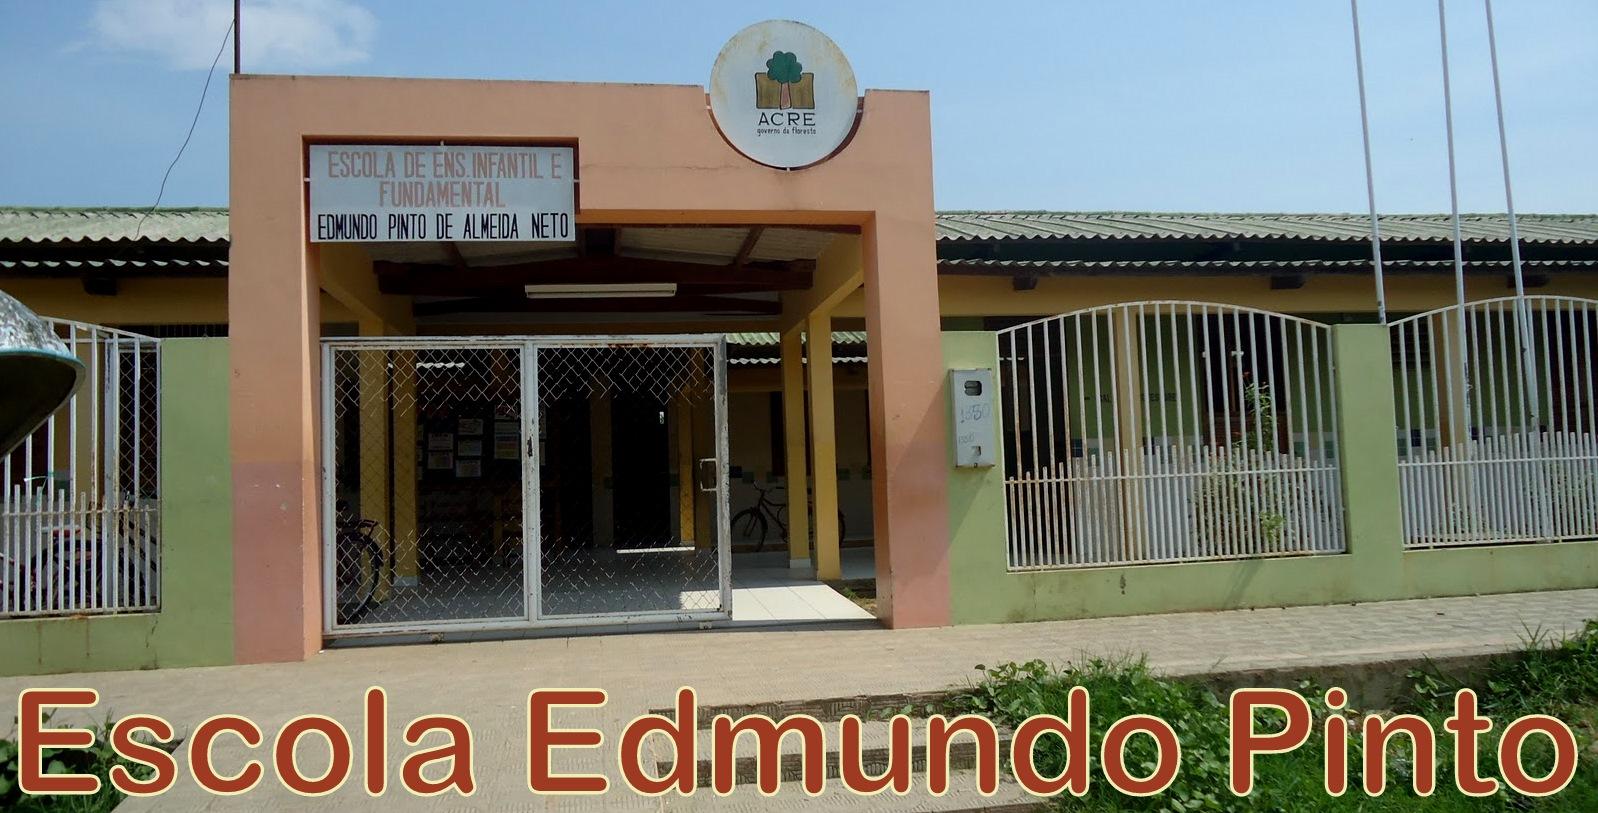 Escola Edmundo Pinto